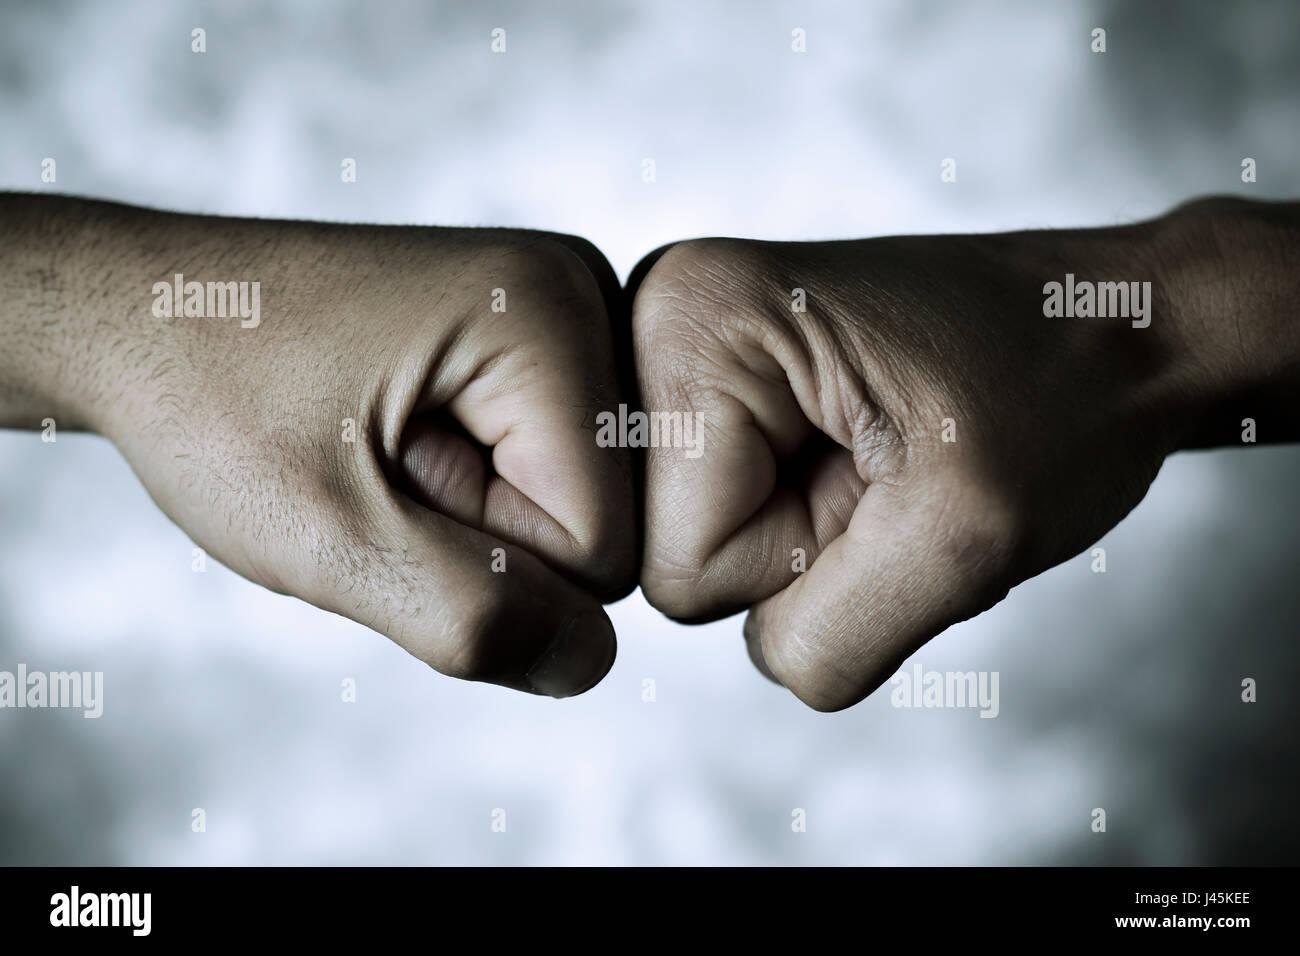 Nahaufnahme von den Händen der zwei jungen kaukasischen Männer, die ihre Fäuste stoßen Stockbild